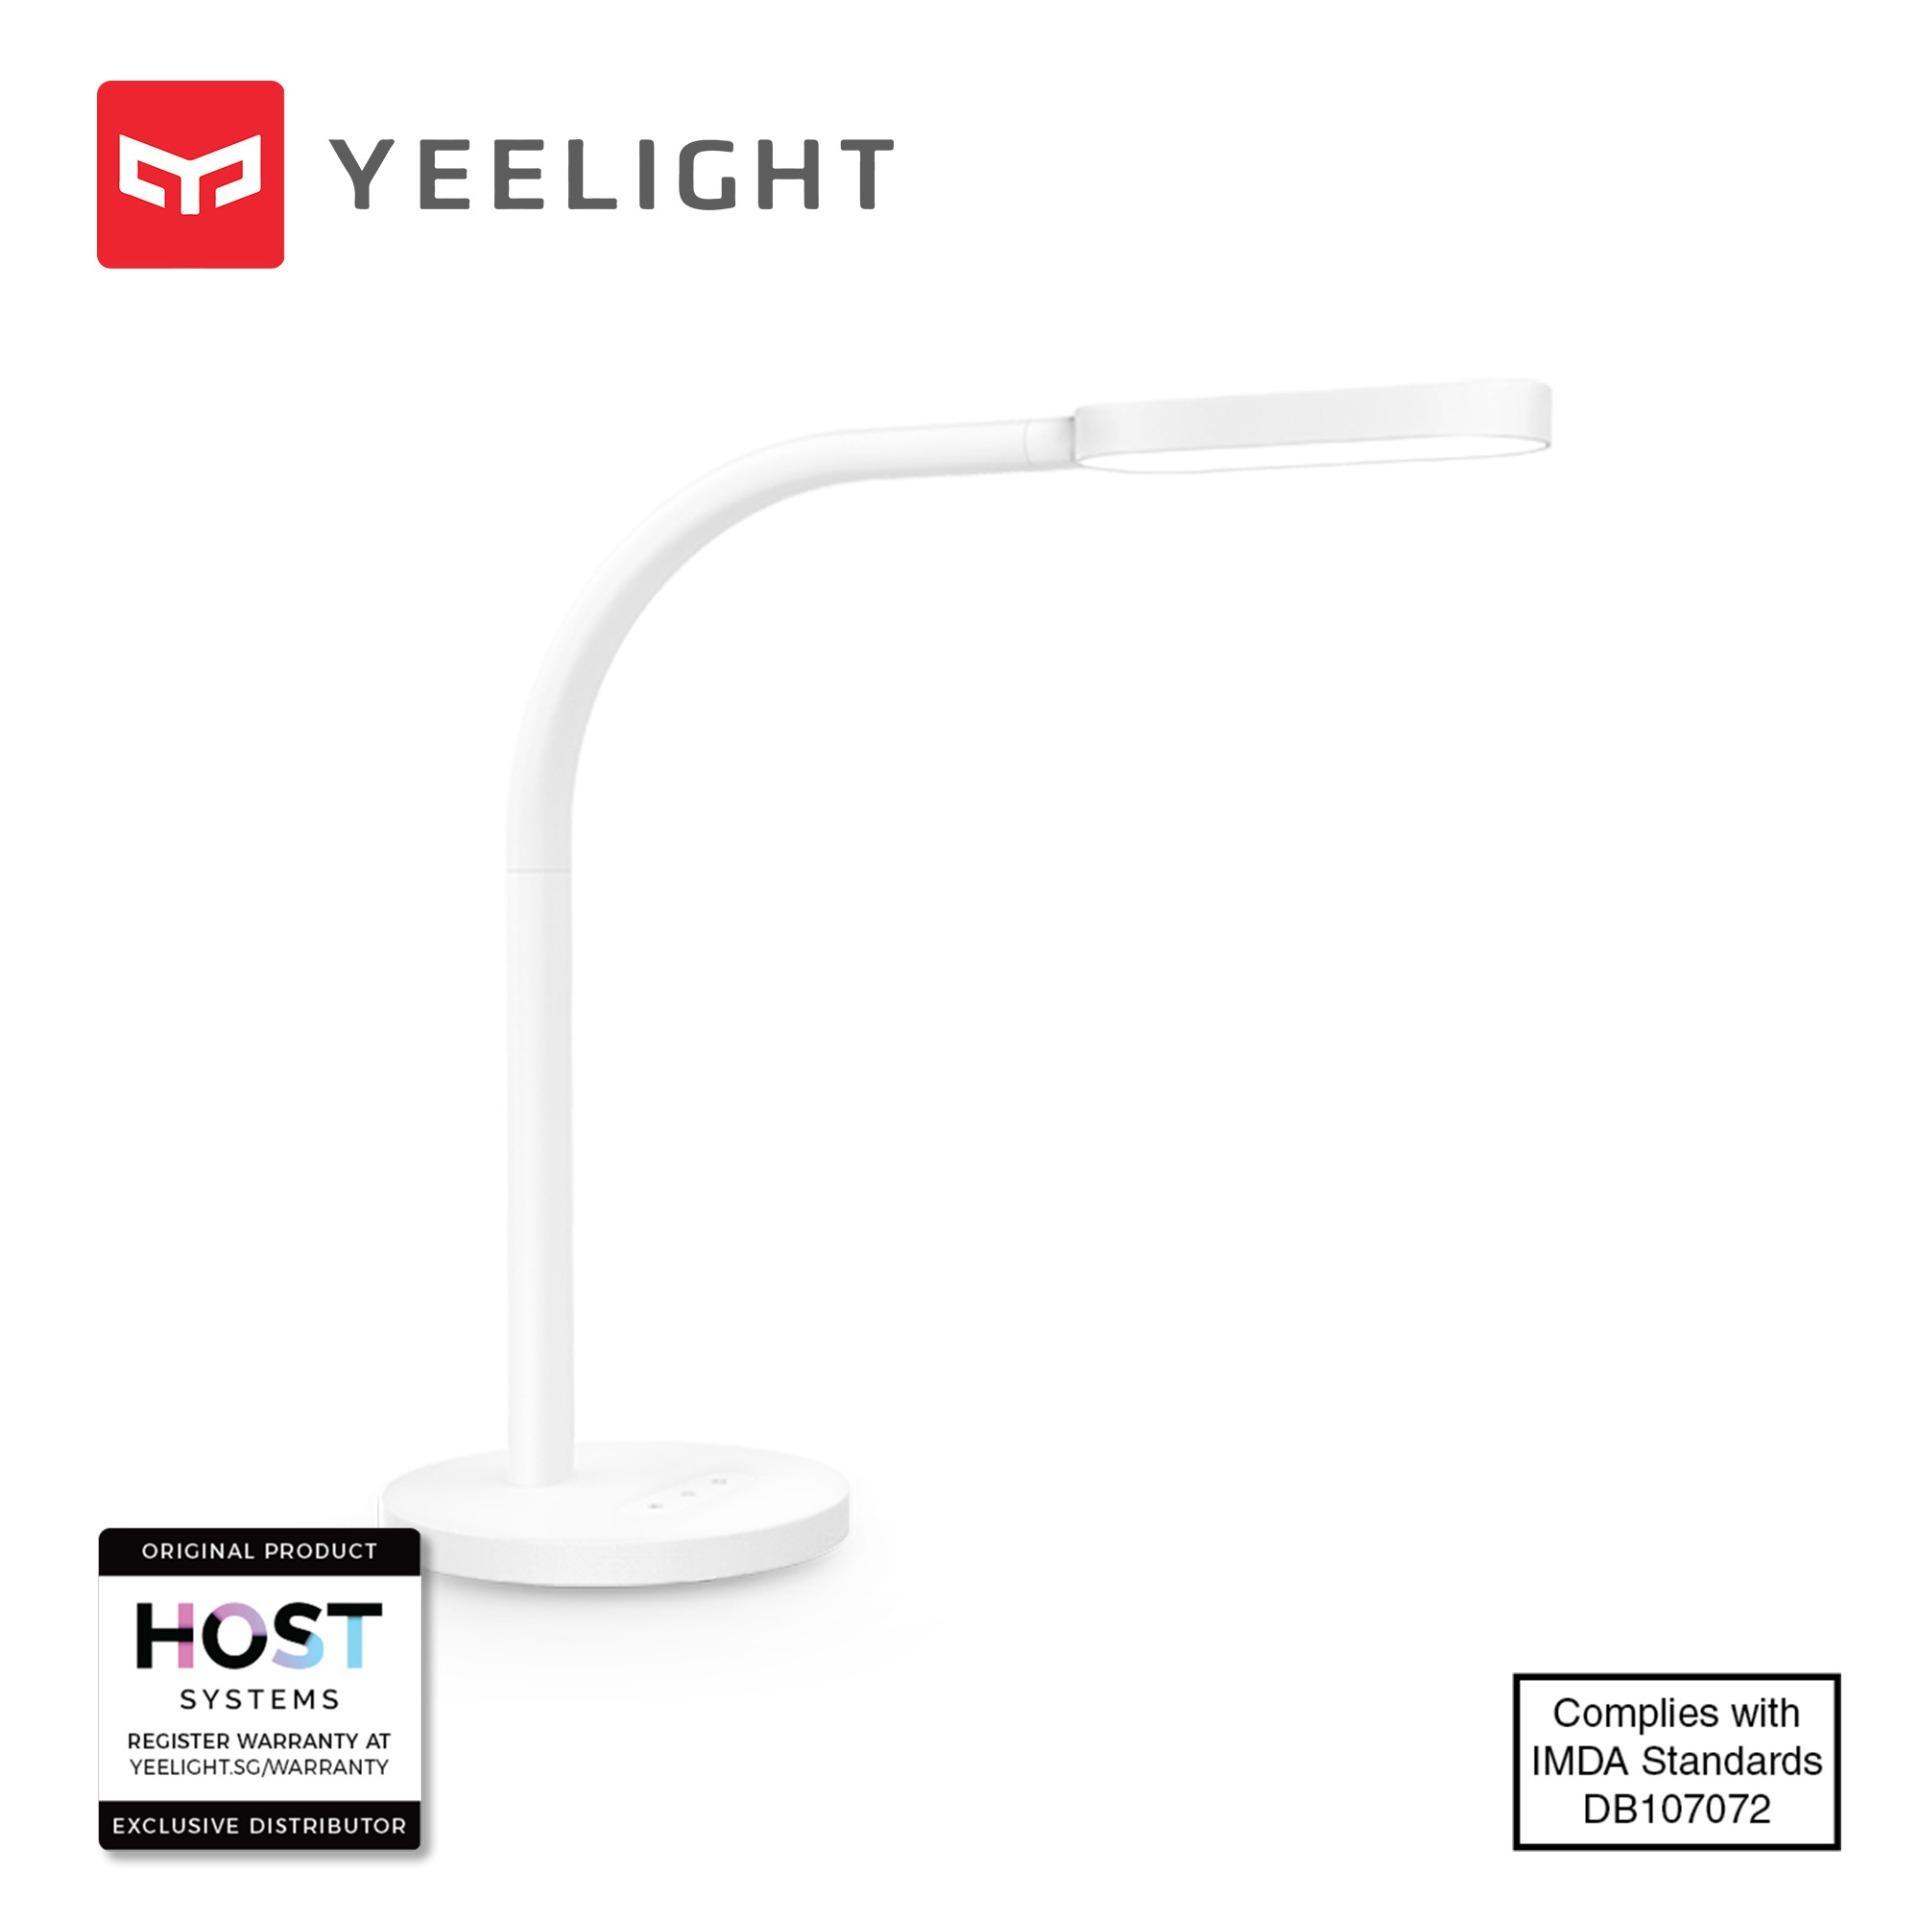 Yeelight desk lamp (Rechargeable)